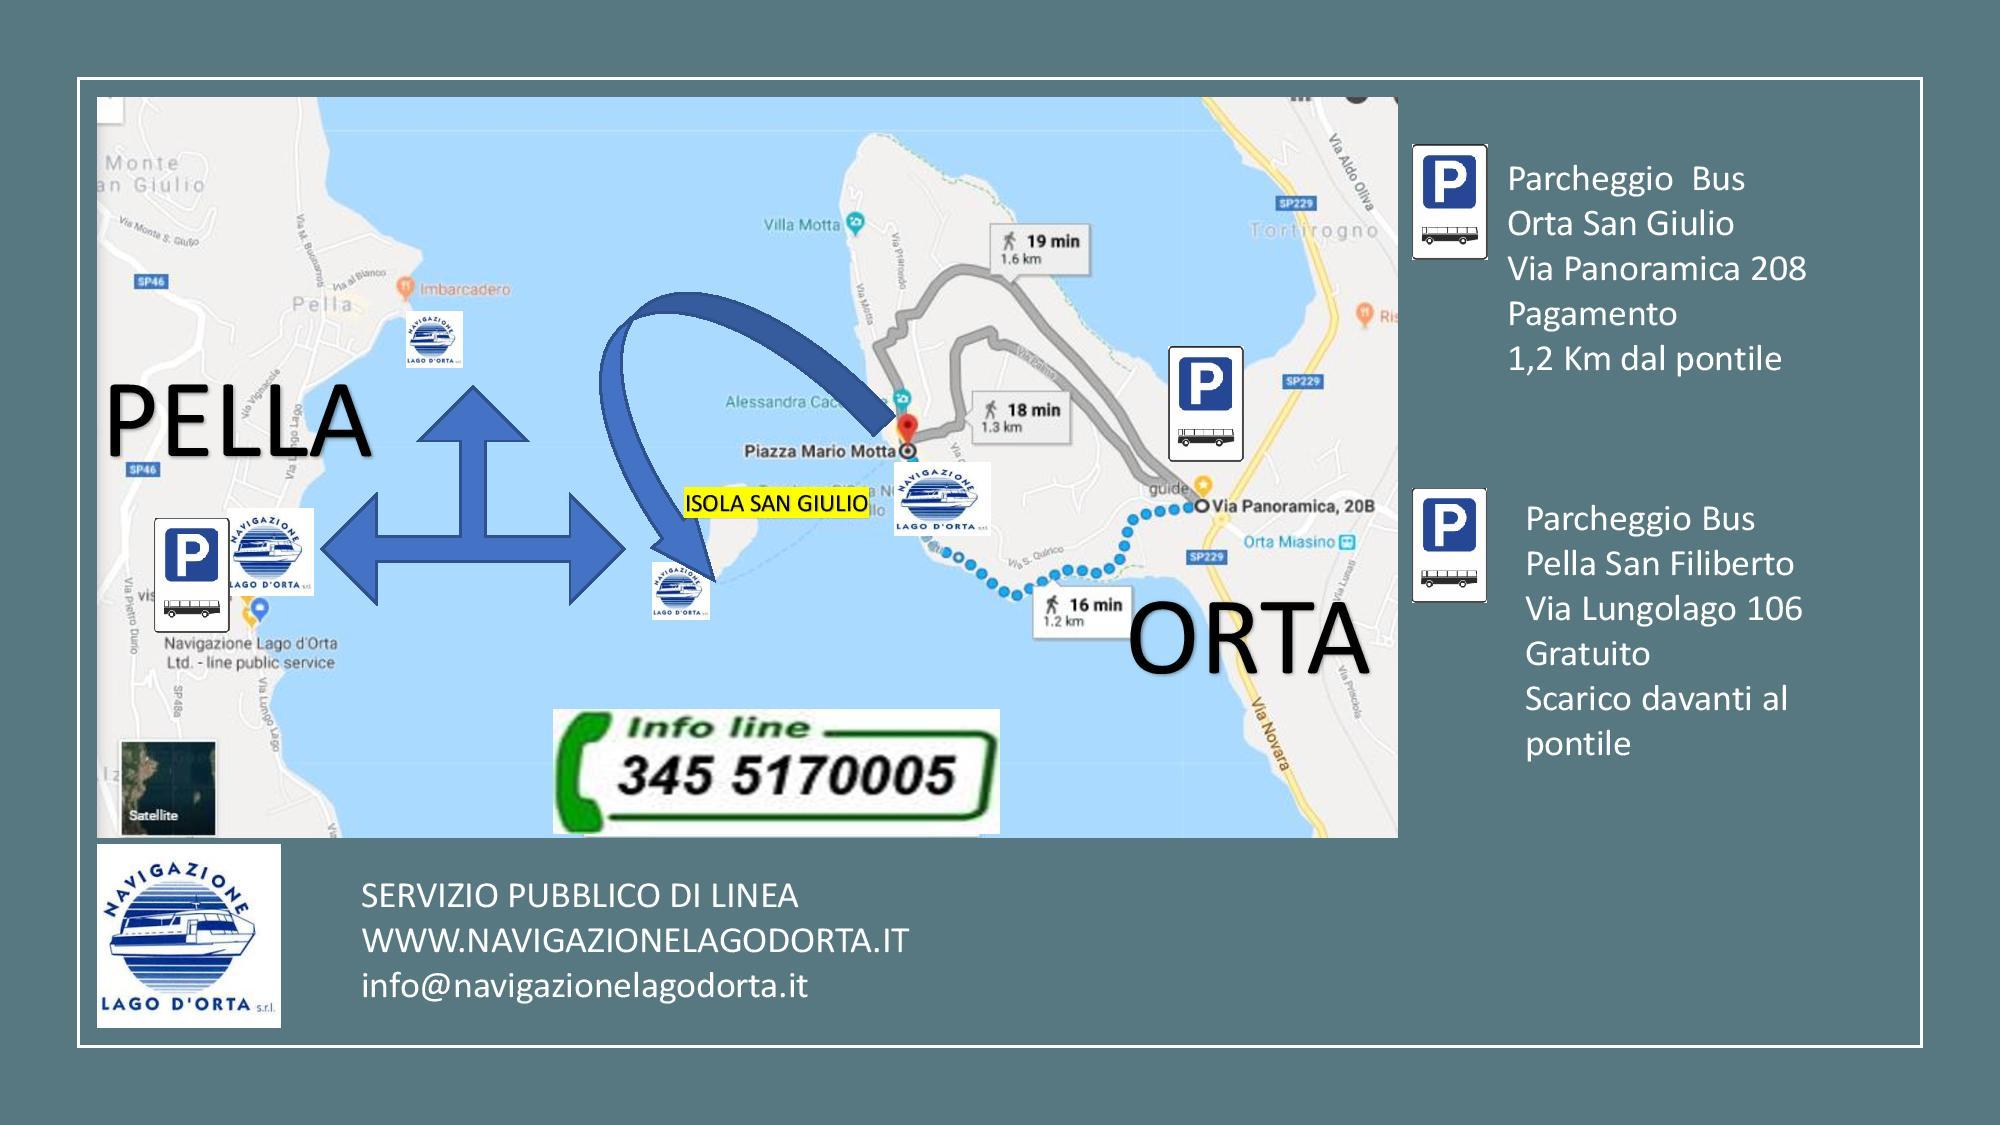 parcheggio pullman Orta San Giulio